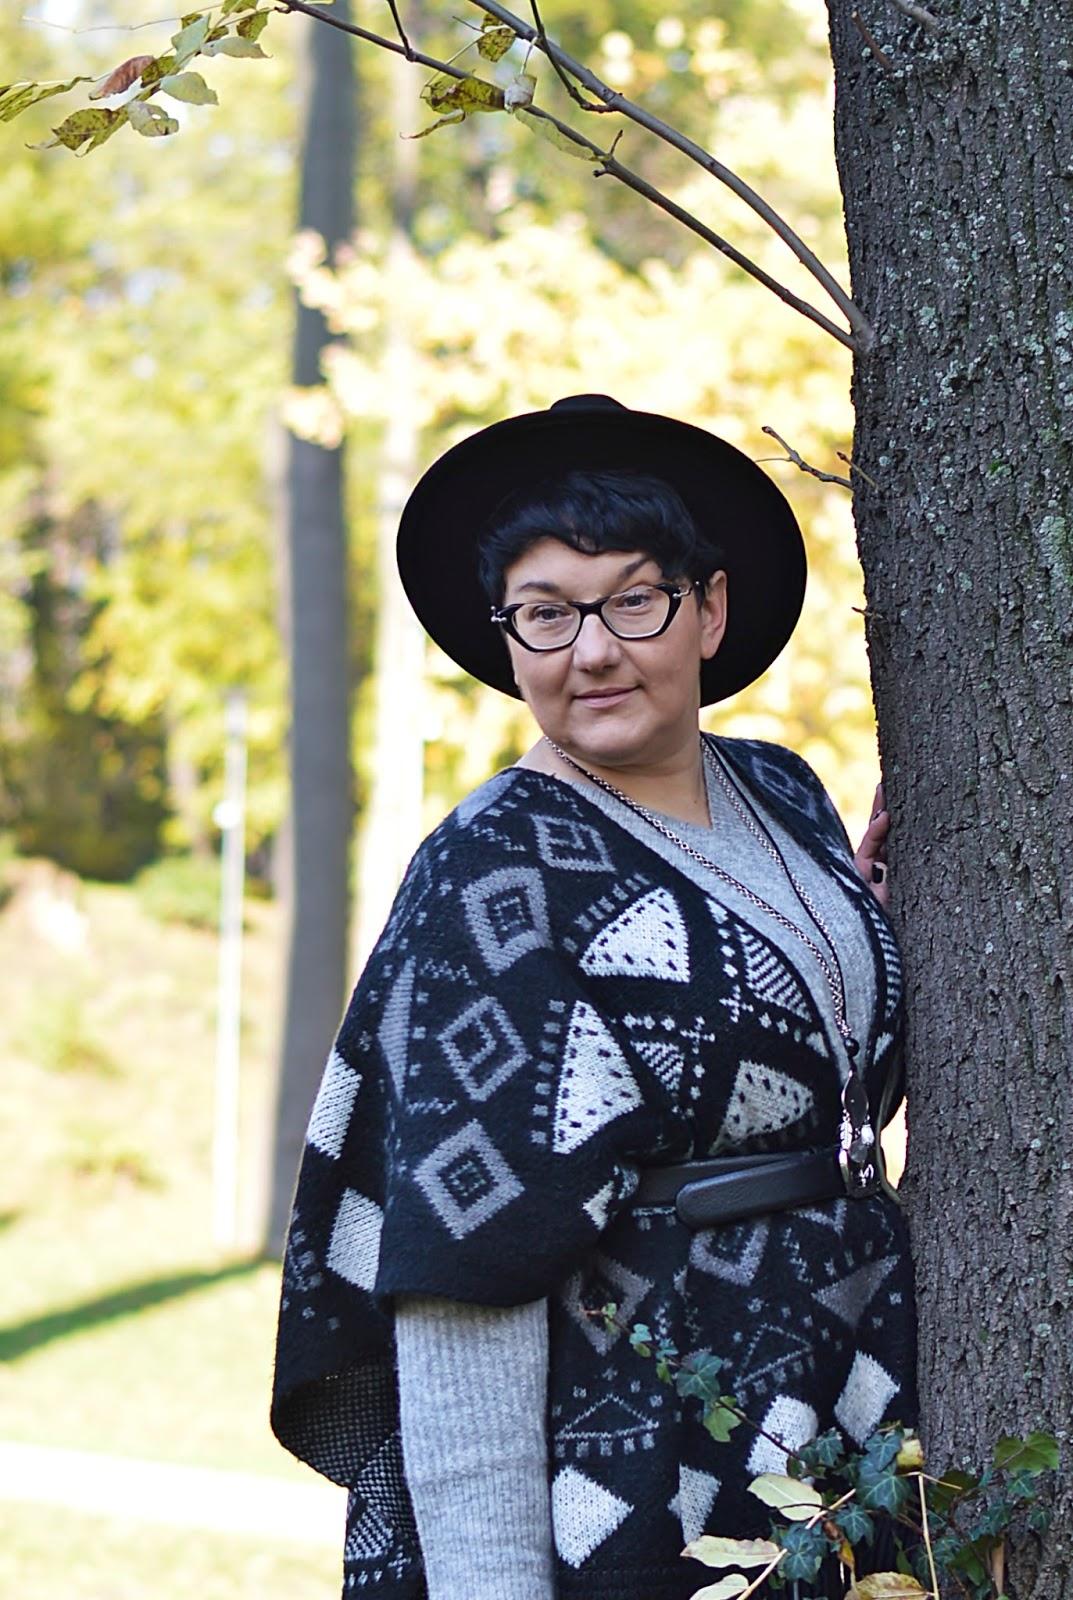 Ponczo z frędzlami, stylizacja jesienna, inspiracja na jesień, kapelusz